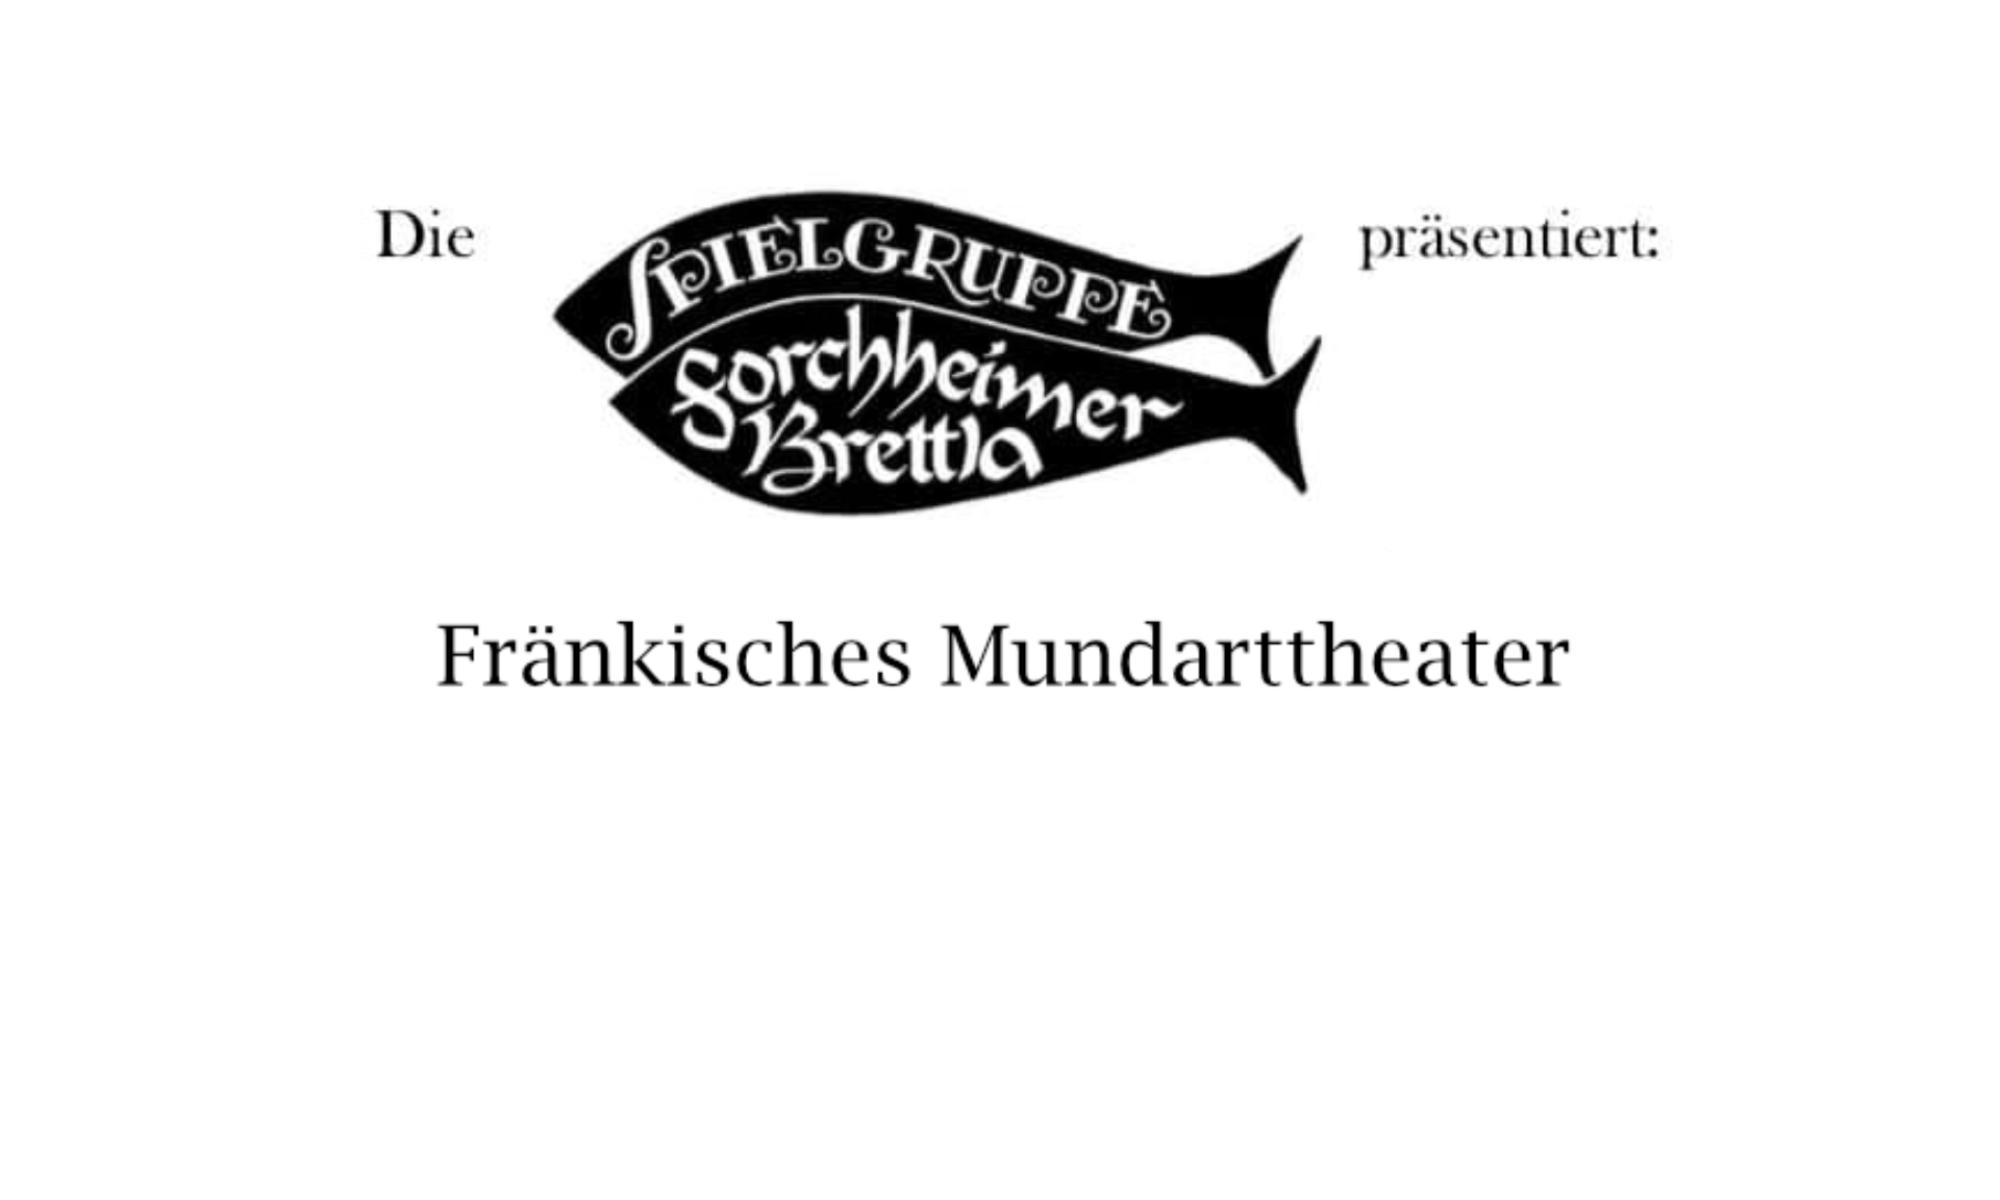 Spielgruppe Forchheimer Brettla